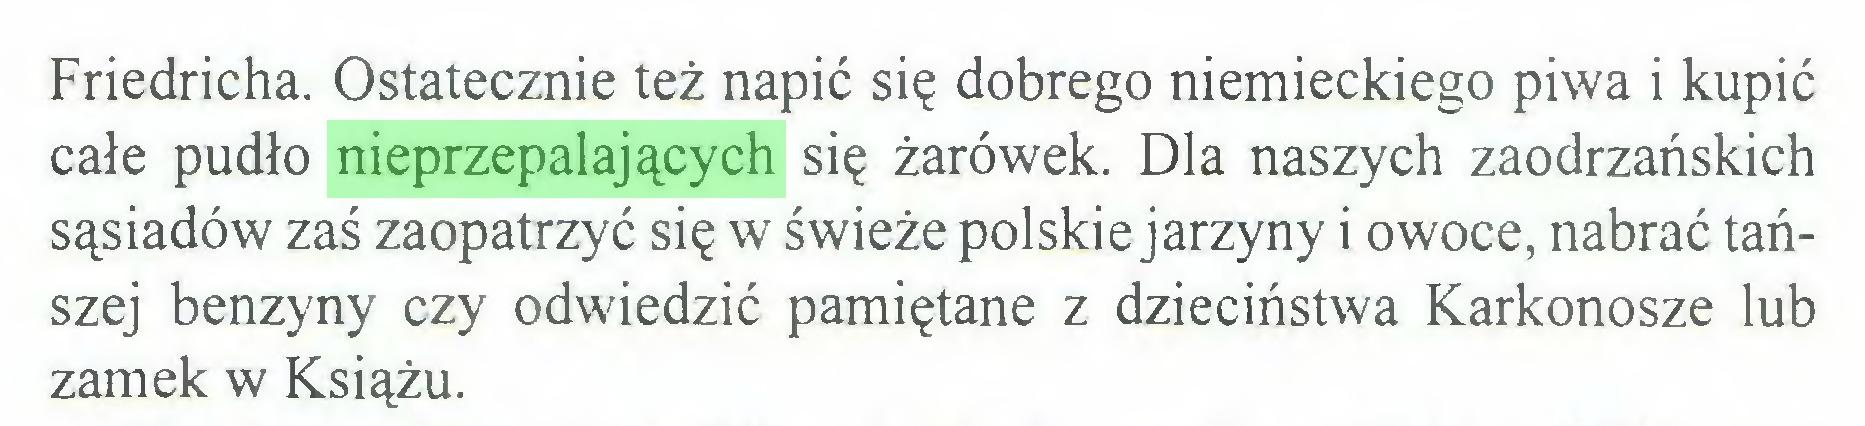 (...) Friedricha. Ostatecznie też napić się dobrego niemieckiego piwa i kupić całe pudło nieprzepalających się żarówek. Dla naszych zaodrzańskich sąsiadów zaś zaopatrzyć się w świeże polskie jarzyny i owoce, nabrać tańszej benzyny czy odwiedzić pamiętane z dzieciństwa Karkonosze lub zamek w Książu...